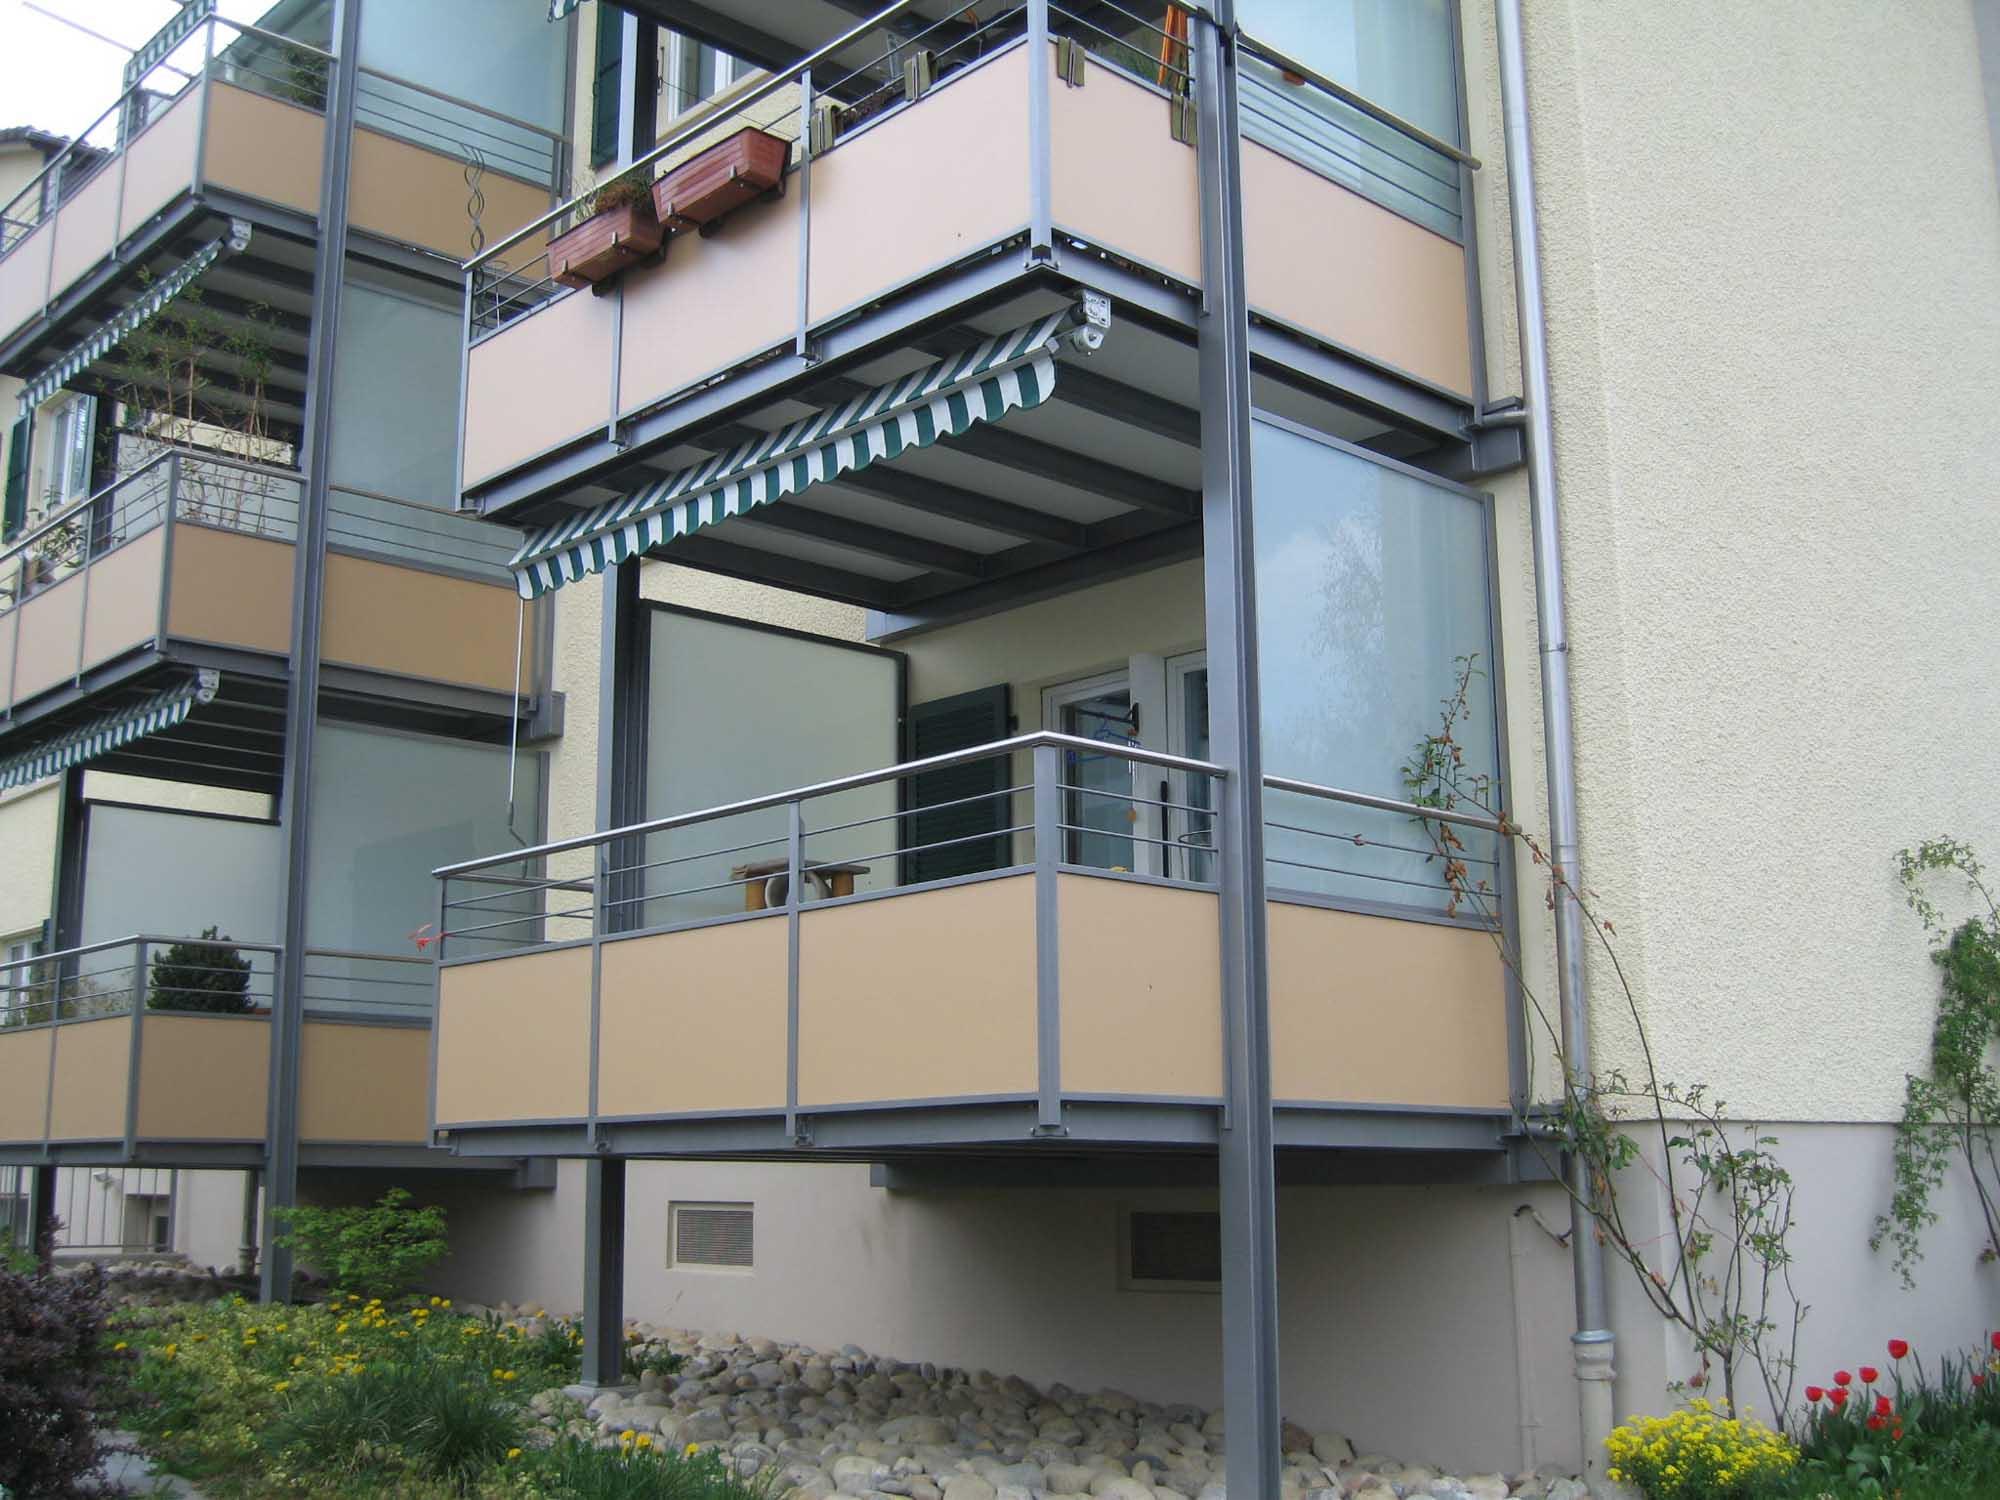 Balkonerweiterung-9